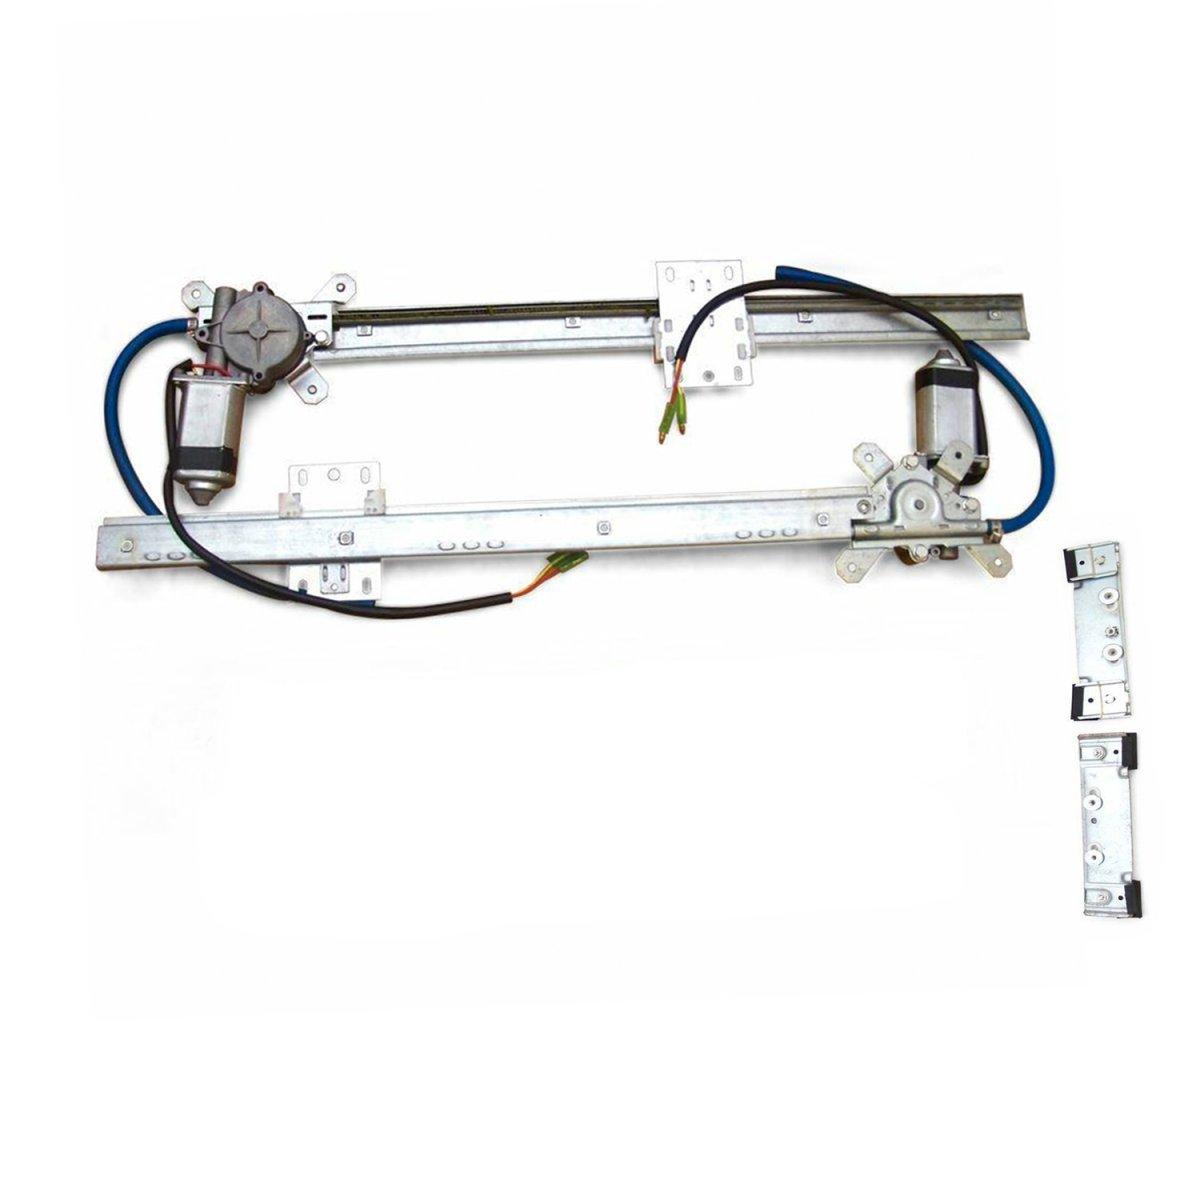 autoloc power window switch wiring harness